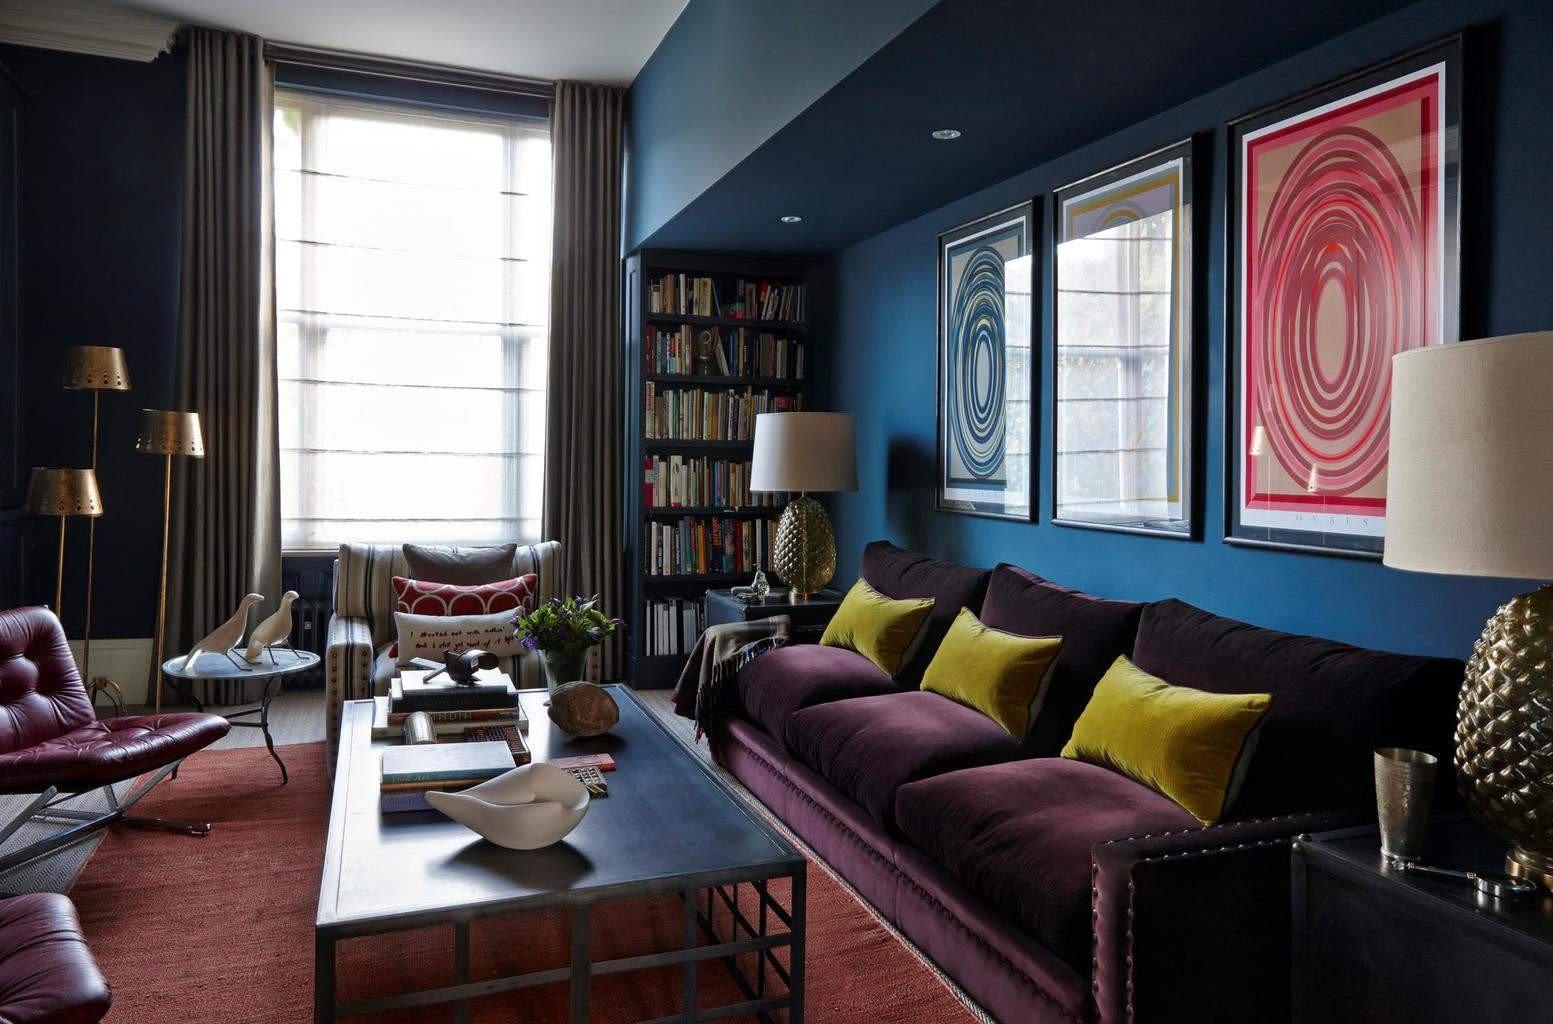 Contemporary Living Room Colors Contemporary Living Room Ideas Design for Me